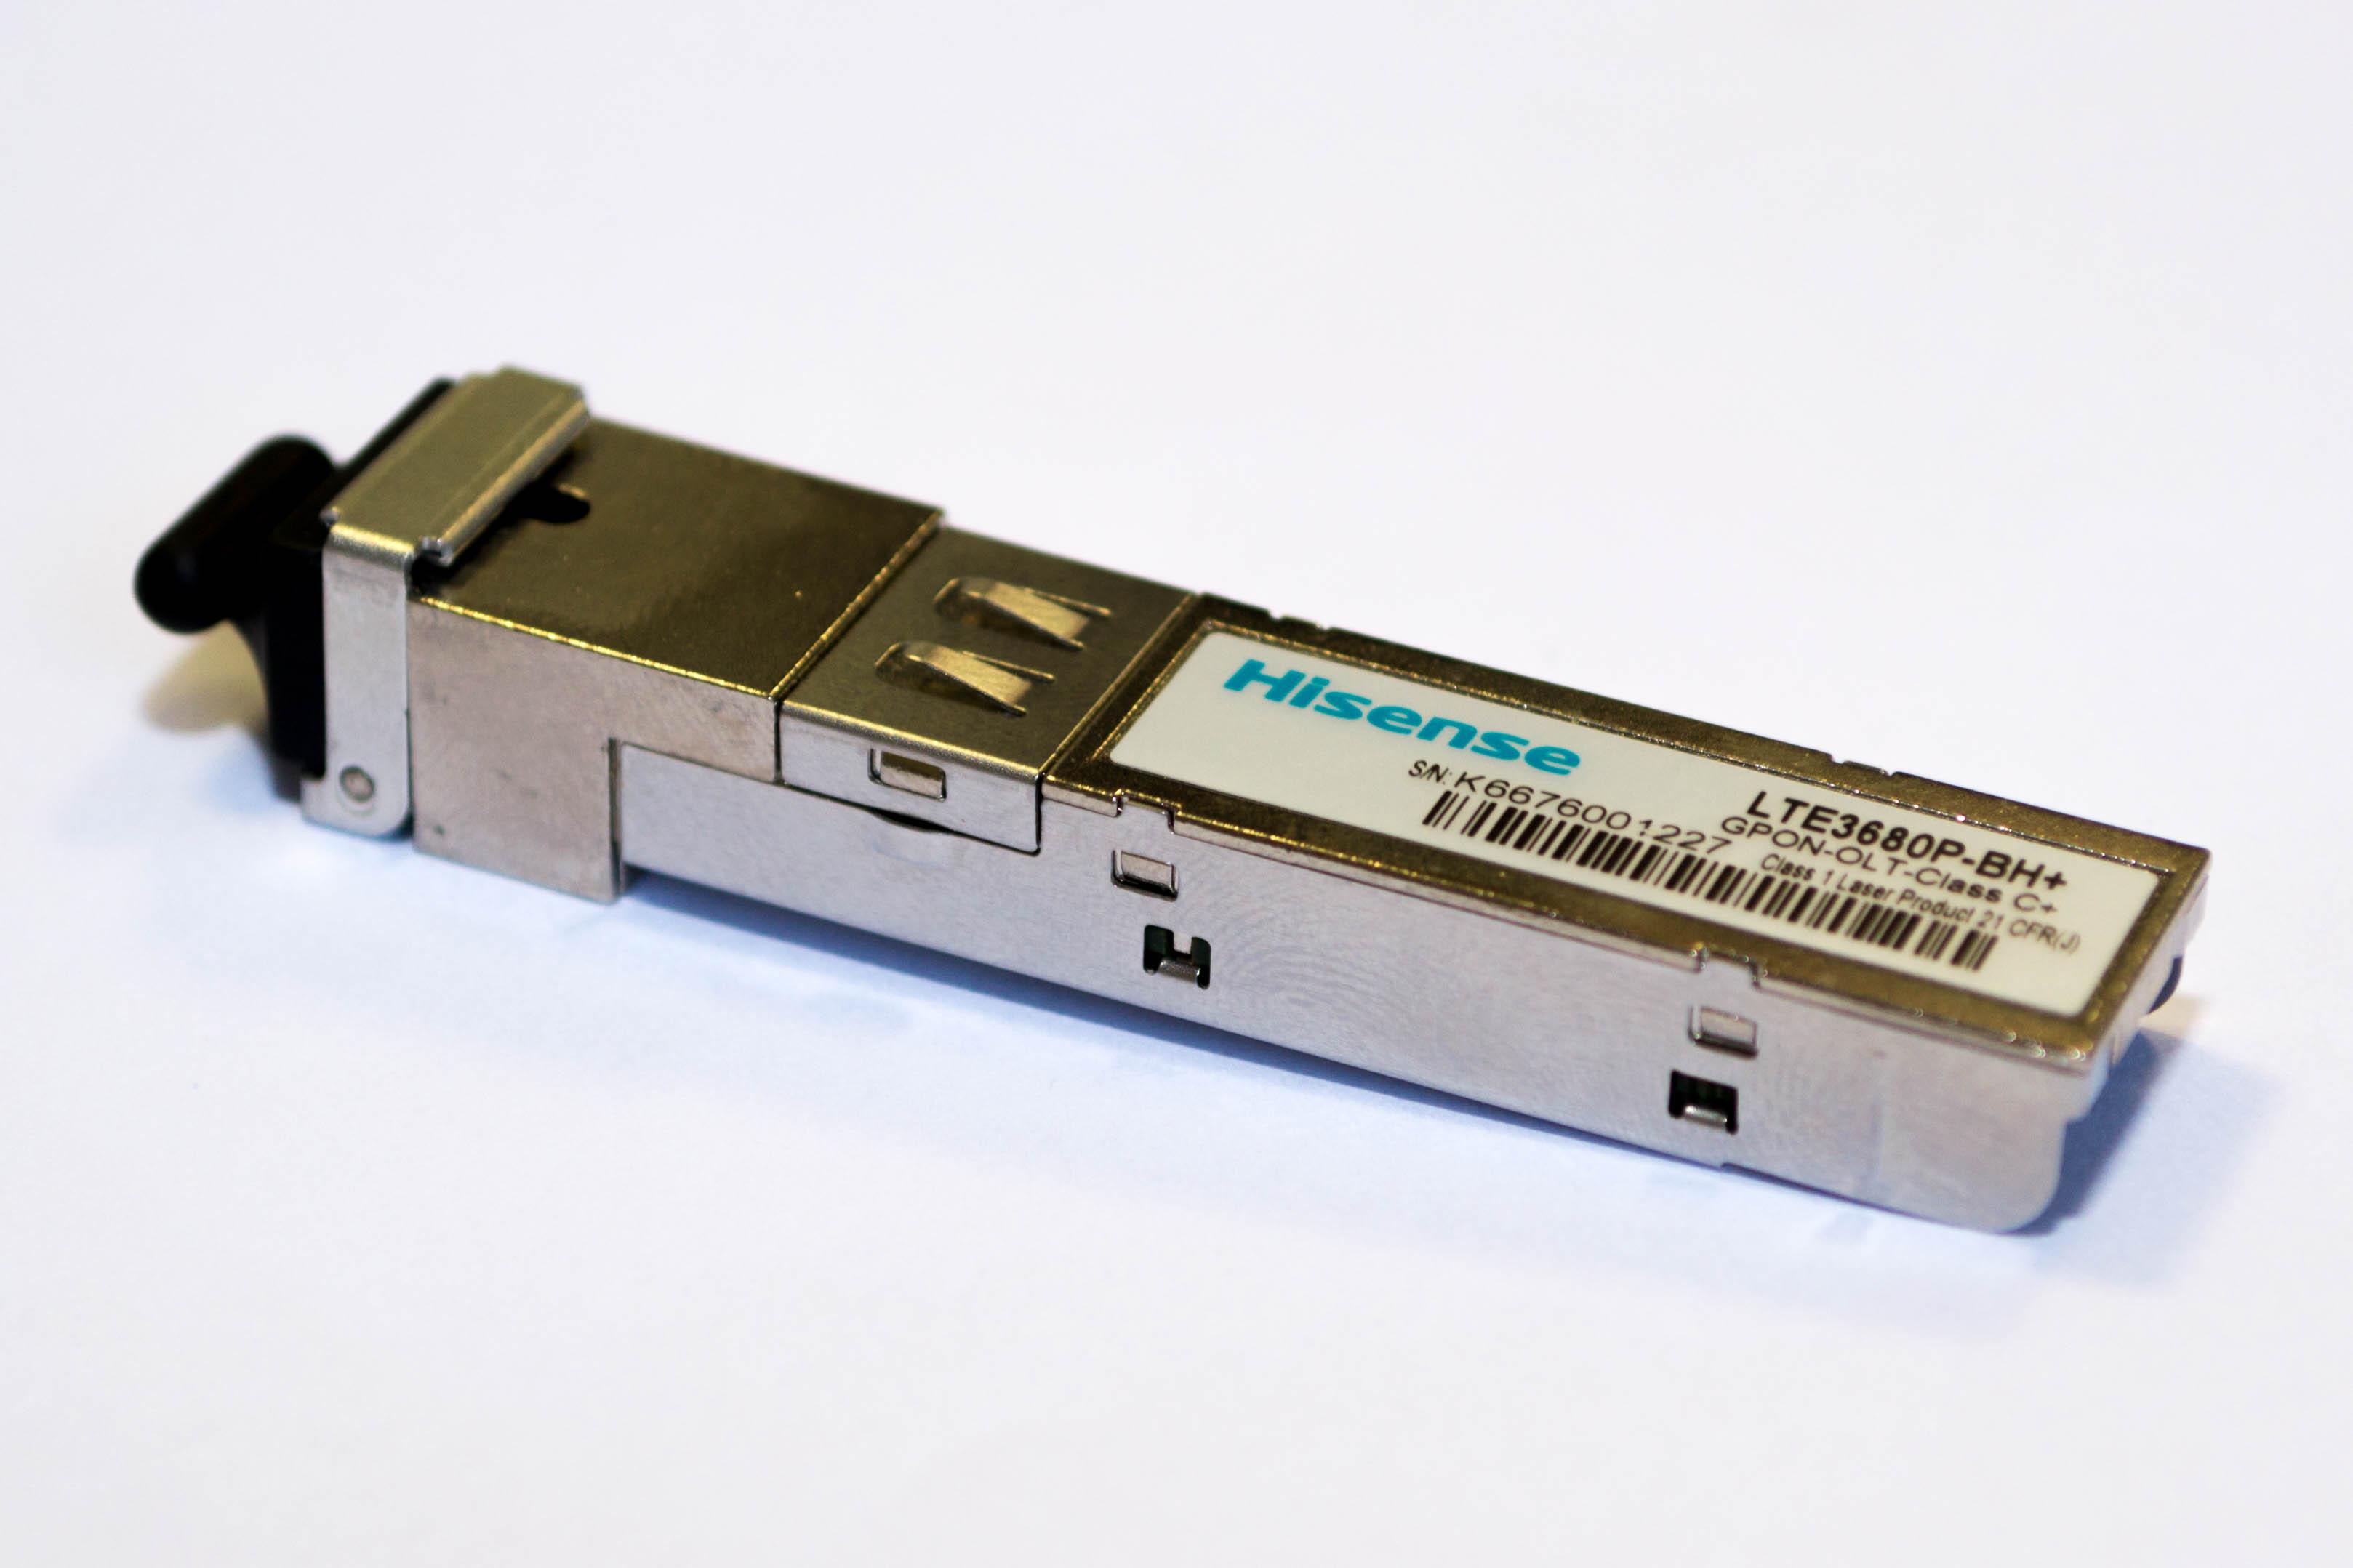 GPON OLT-LTE3680P-BH+ SFP